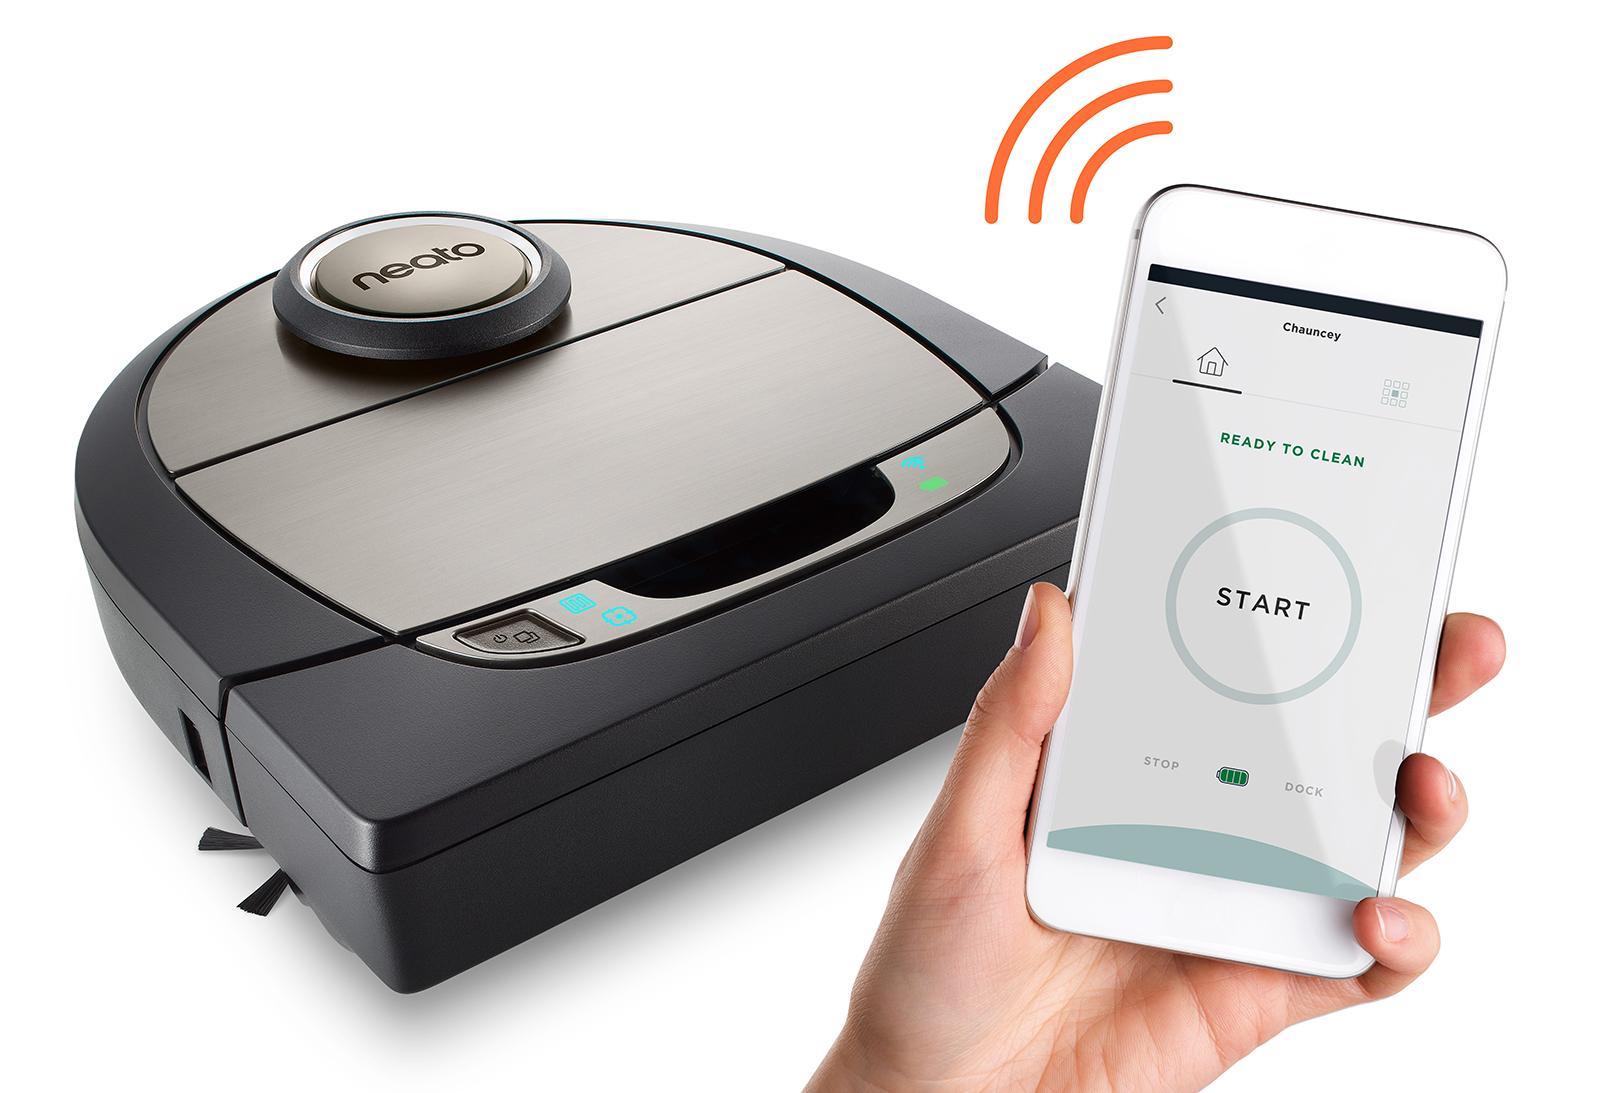 Besitzer eines Neato Roboterstaubsaugers, beispielsweise über den neuen Botvac D7 Connected, können sich über Facebook mit dem Gerät verbinden, um den Reinigungsvorgang zu starten.